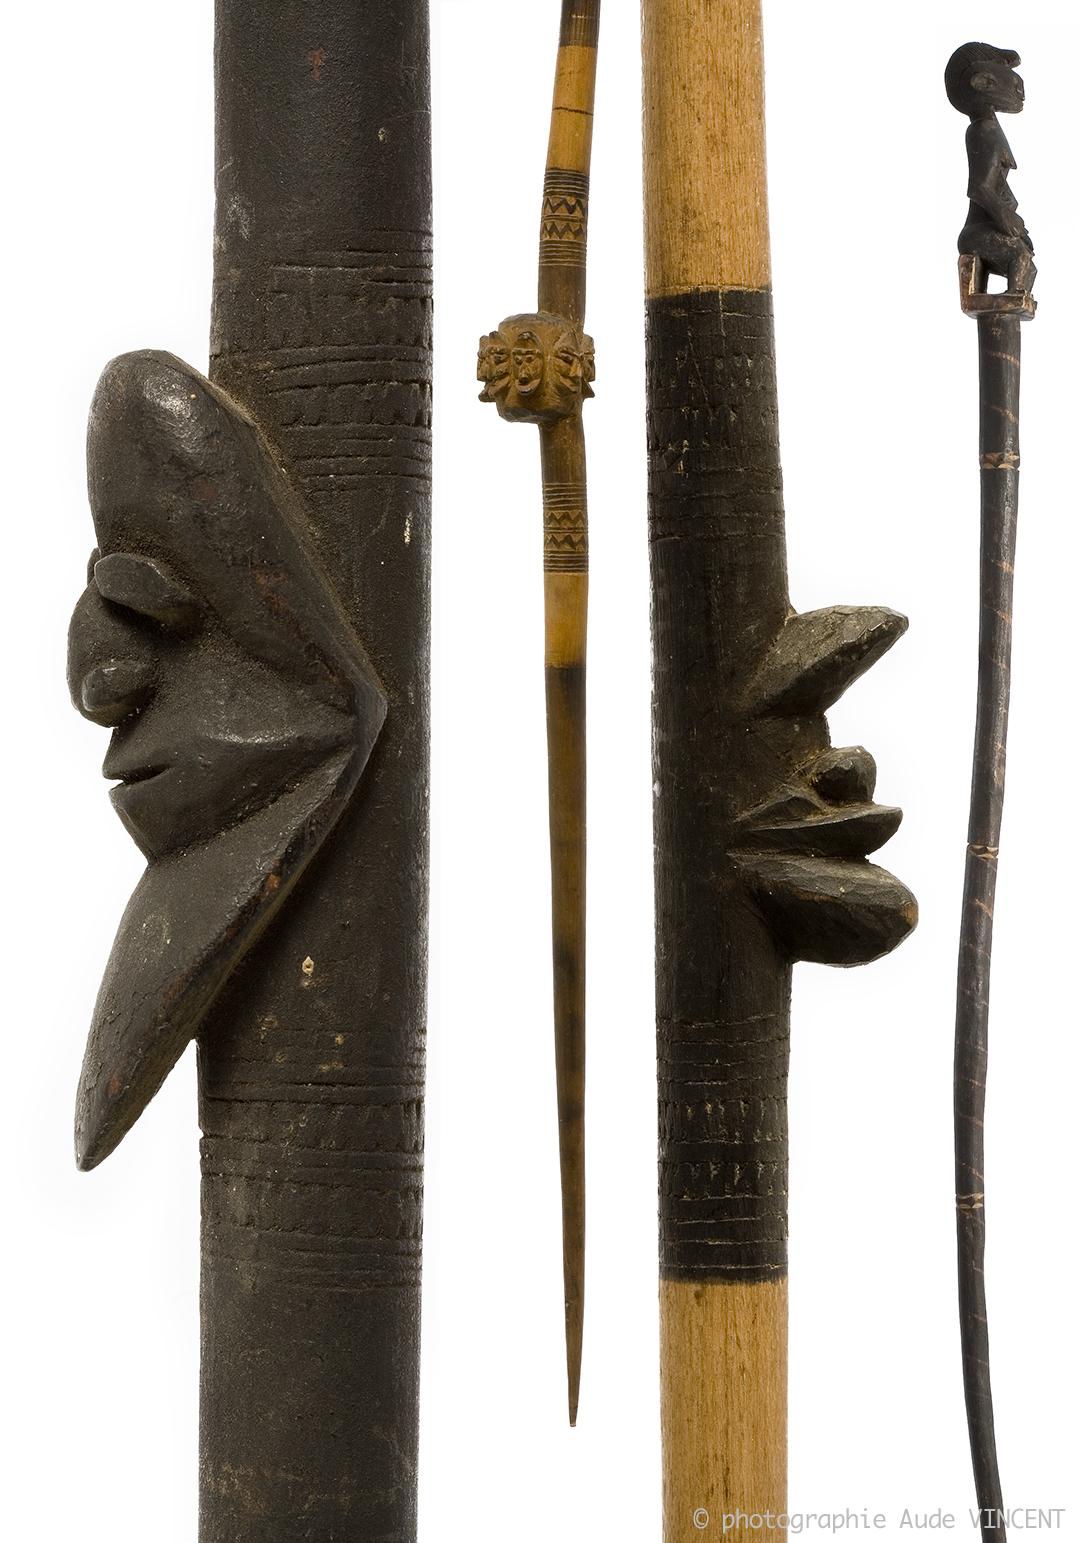 Photographie de la collection d'Art premier du Musée d'art et d'histoire de pithiviers